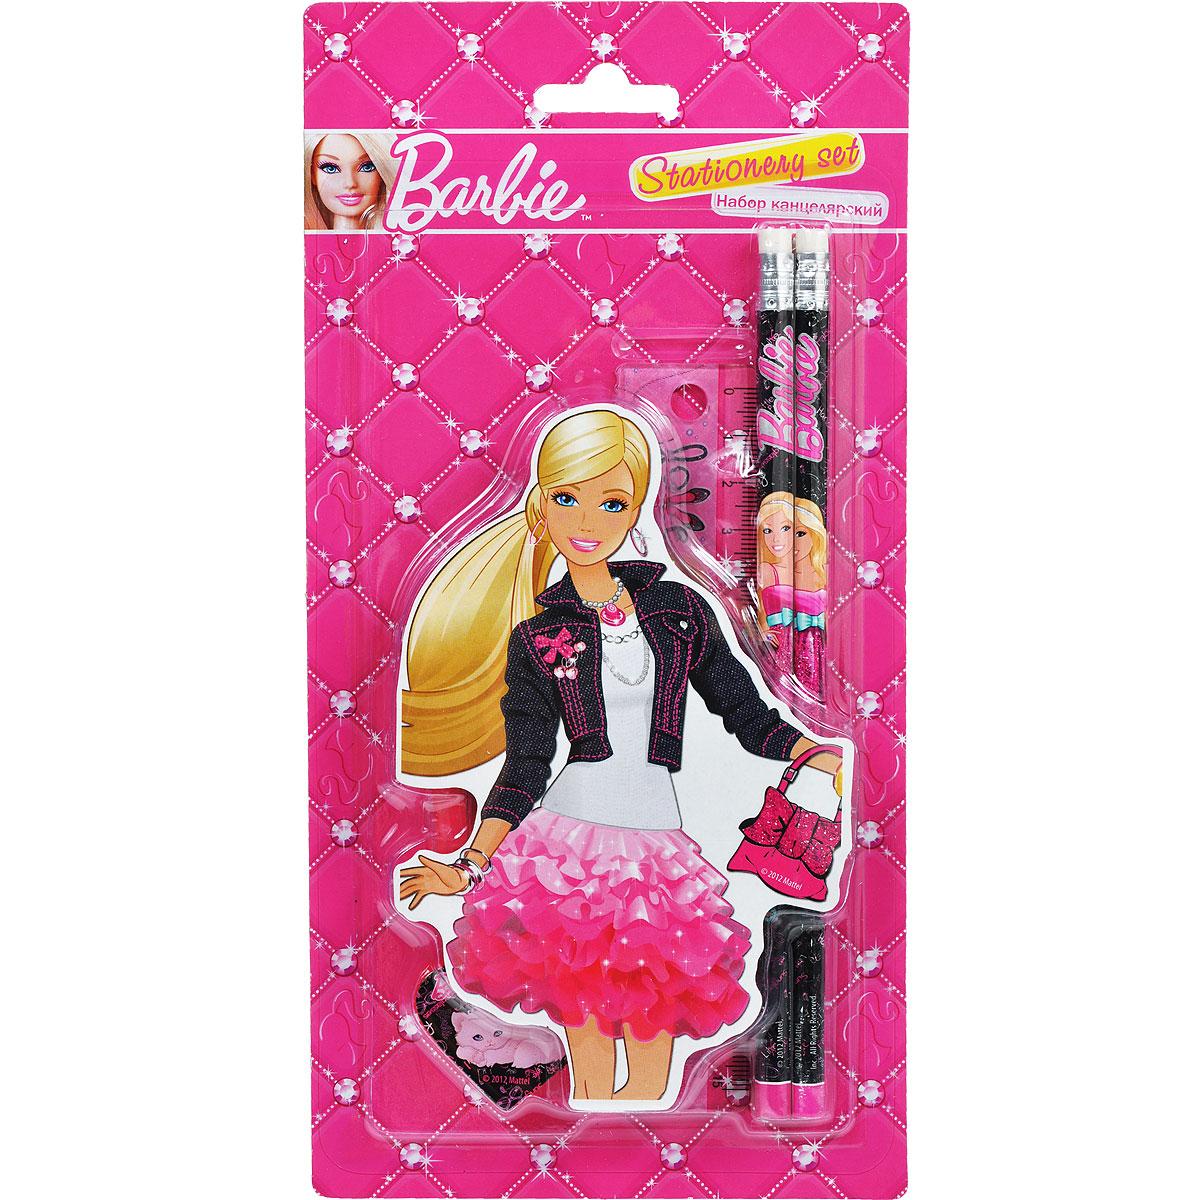 Канцелярский набор Barbie, 5 предметовBRAB-US1-75621-BLКанцелярский набор Barbie станет незаменимым атрибутом в учебе любой школьницы. Он включает в себя ластик в форме губной помады, 2 чернографитных карандаша с ластиком, точилку в форме сердца и линейку 15 см.